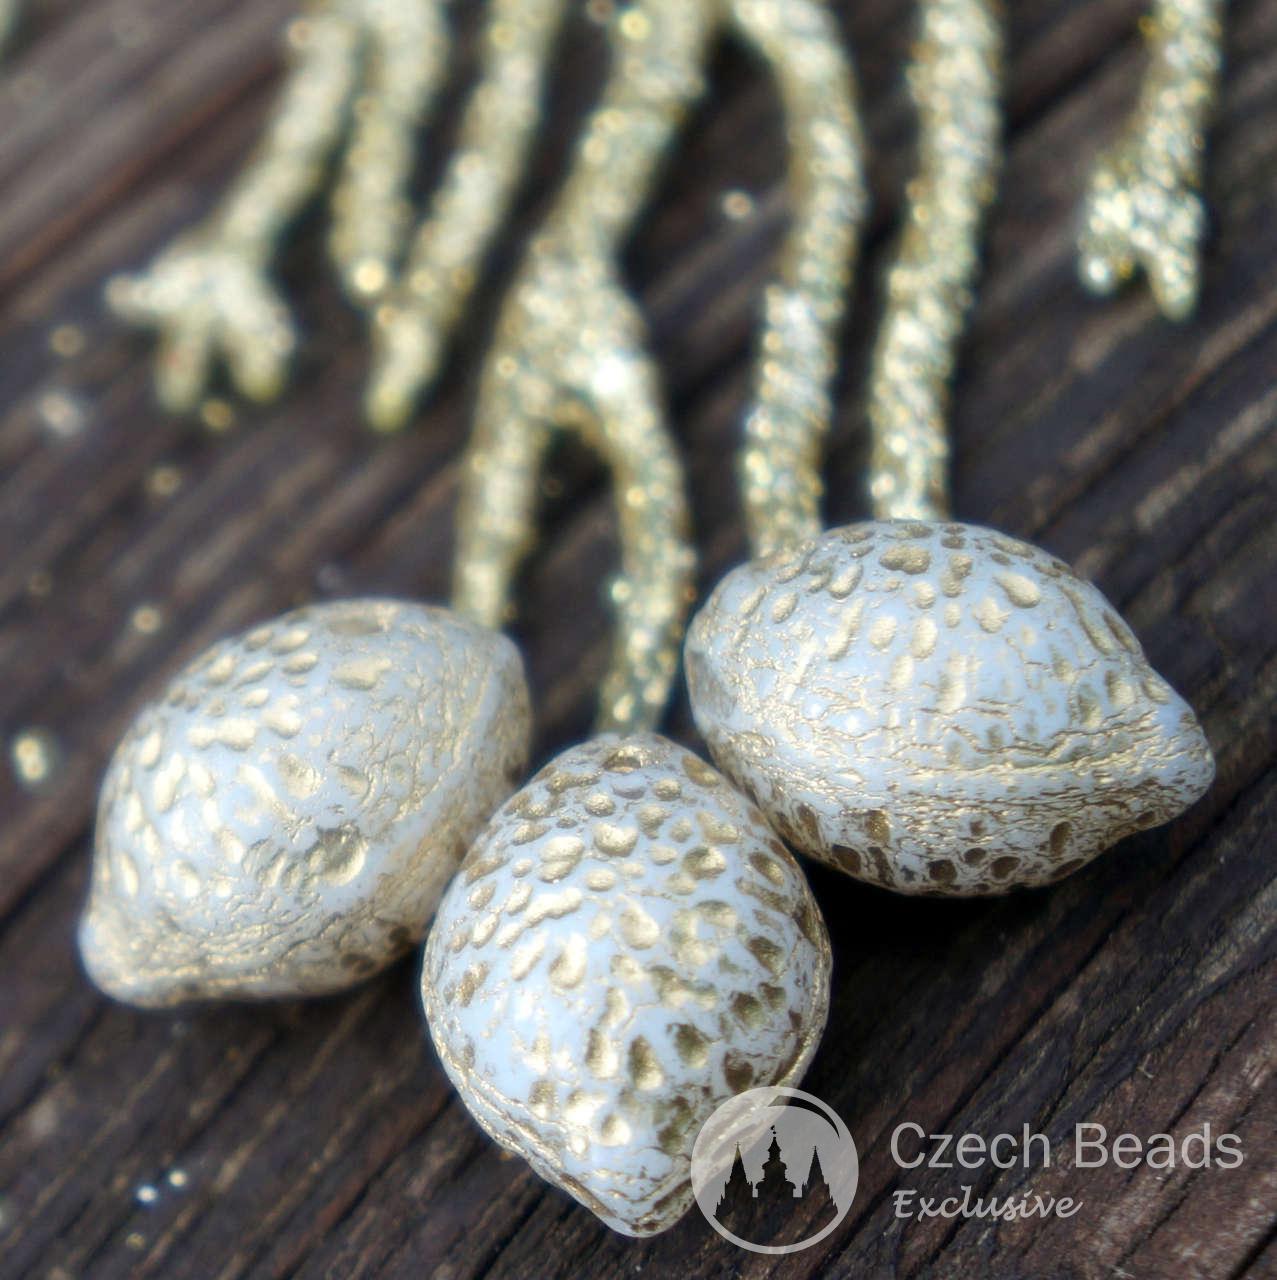 Opaque Gold Lemon Beads Czech Glass Lemon Beads Glass Fruit Beads Gold Lemon Glass Beads Czech Lemon Fall Czech Glass Beads 14mm x 10mm 6pc for $2.29 from Czech Beads Exclusive